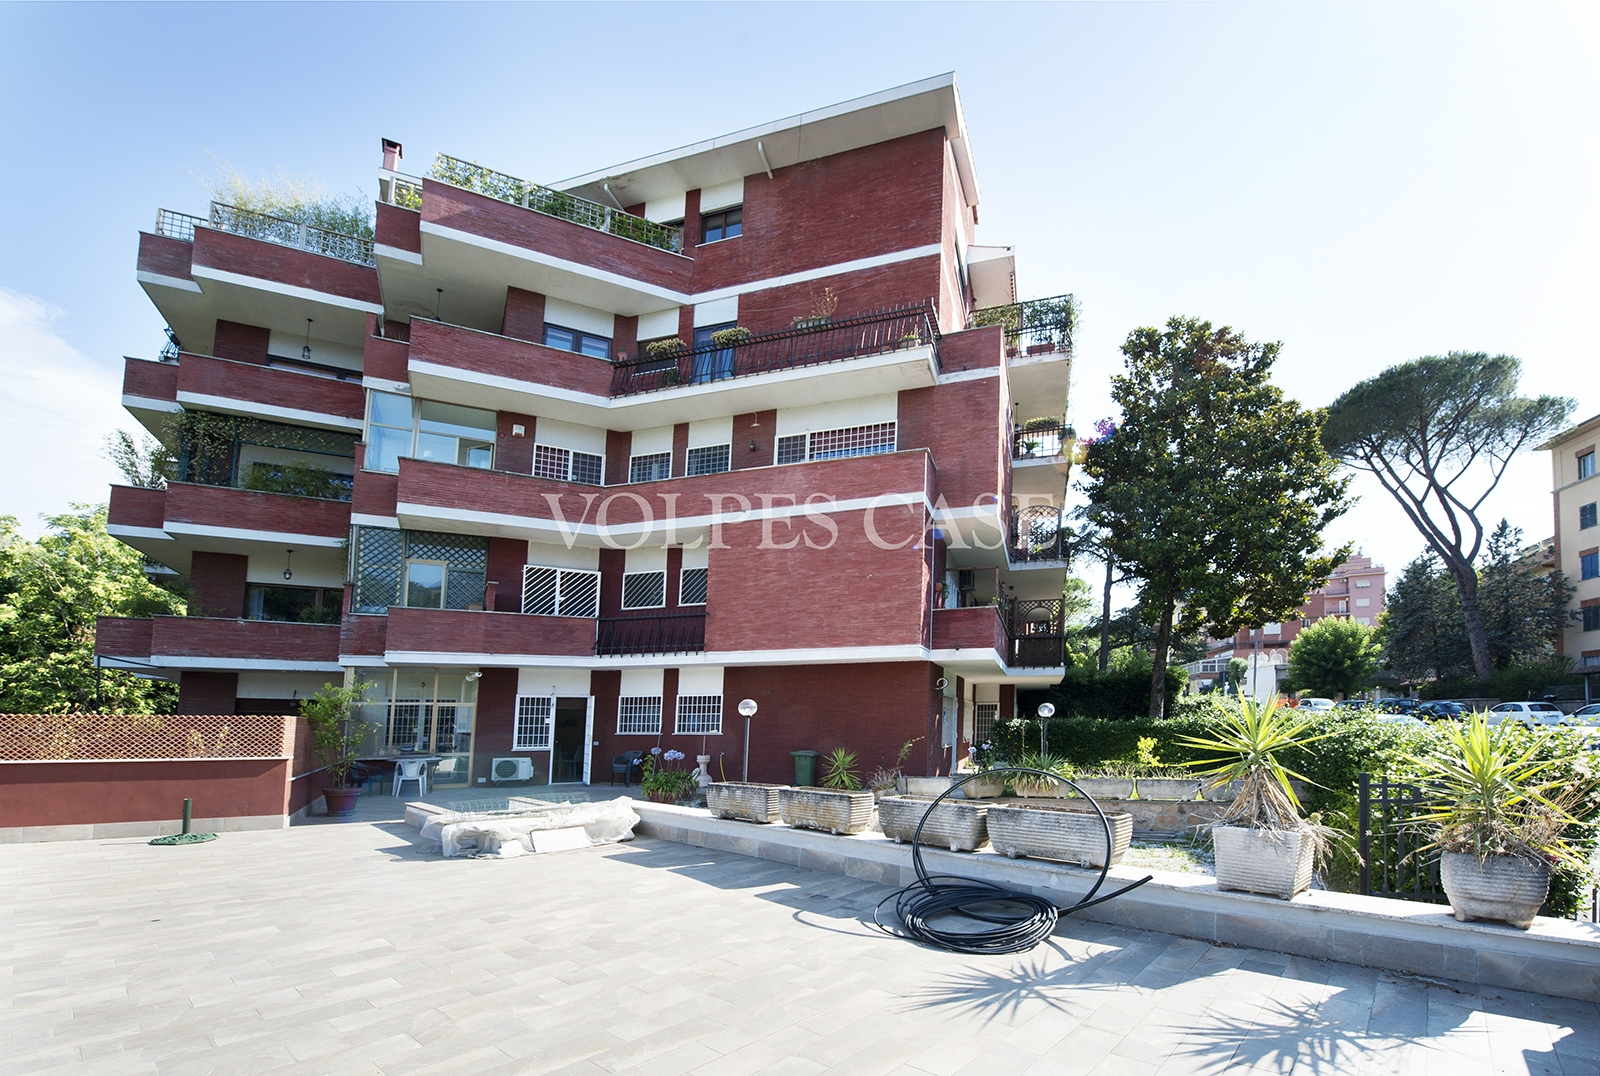 Appartamento in vendita a Roma, 3 locali, zona Zona: 32 - Fleming, Vignaclara, Monte Milvio, prezzo € 575.000 | CambioCasa.it